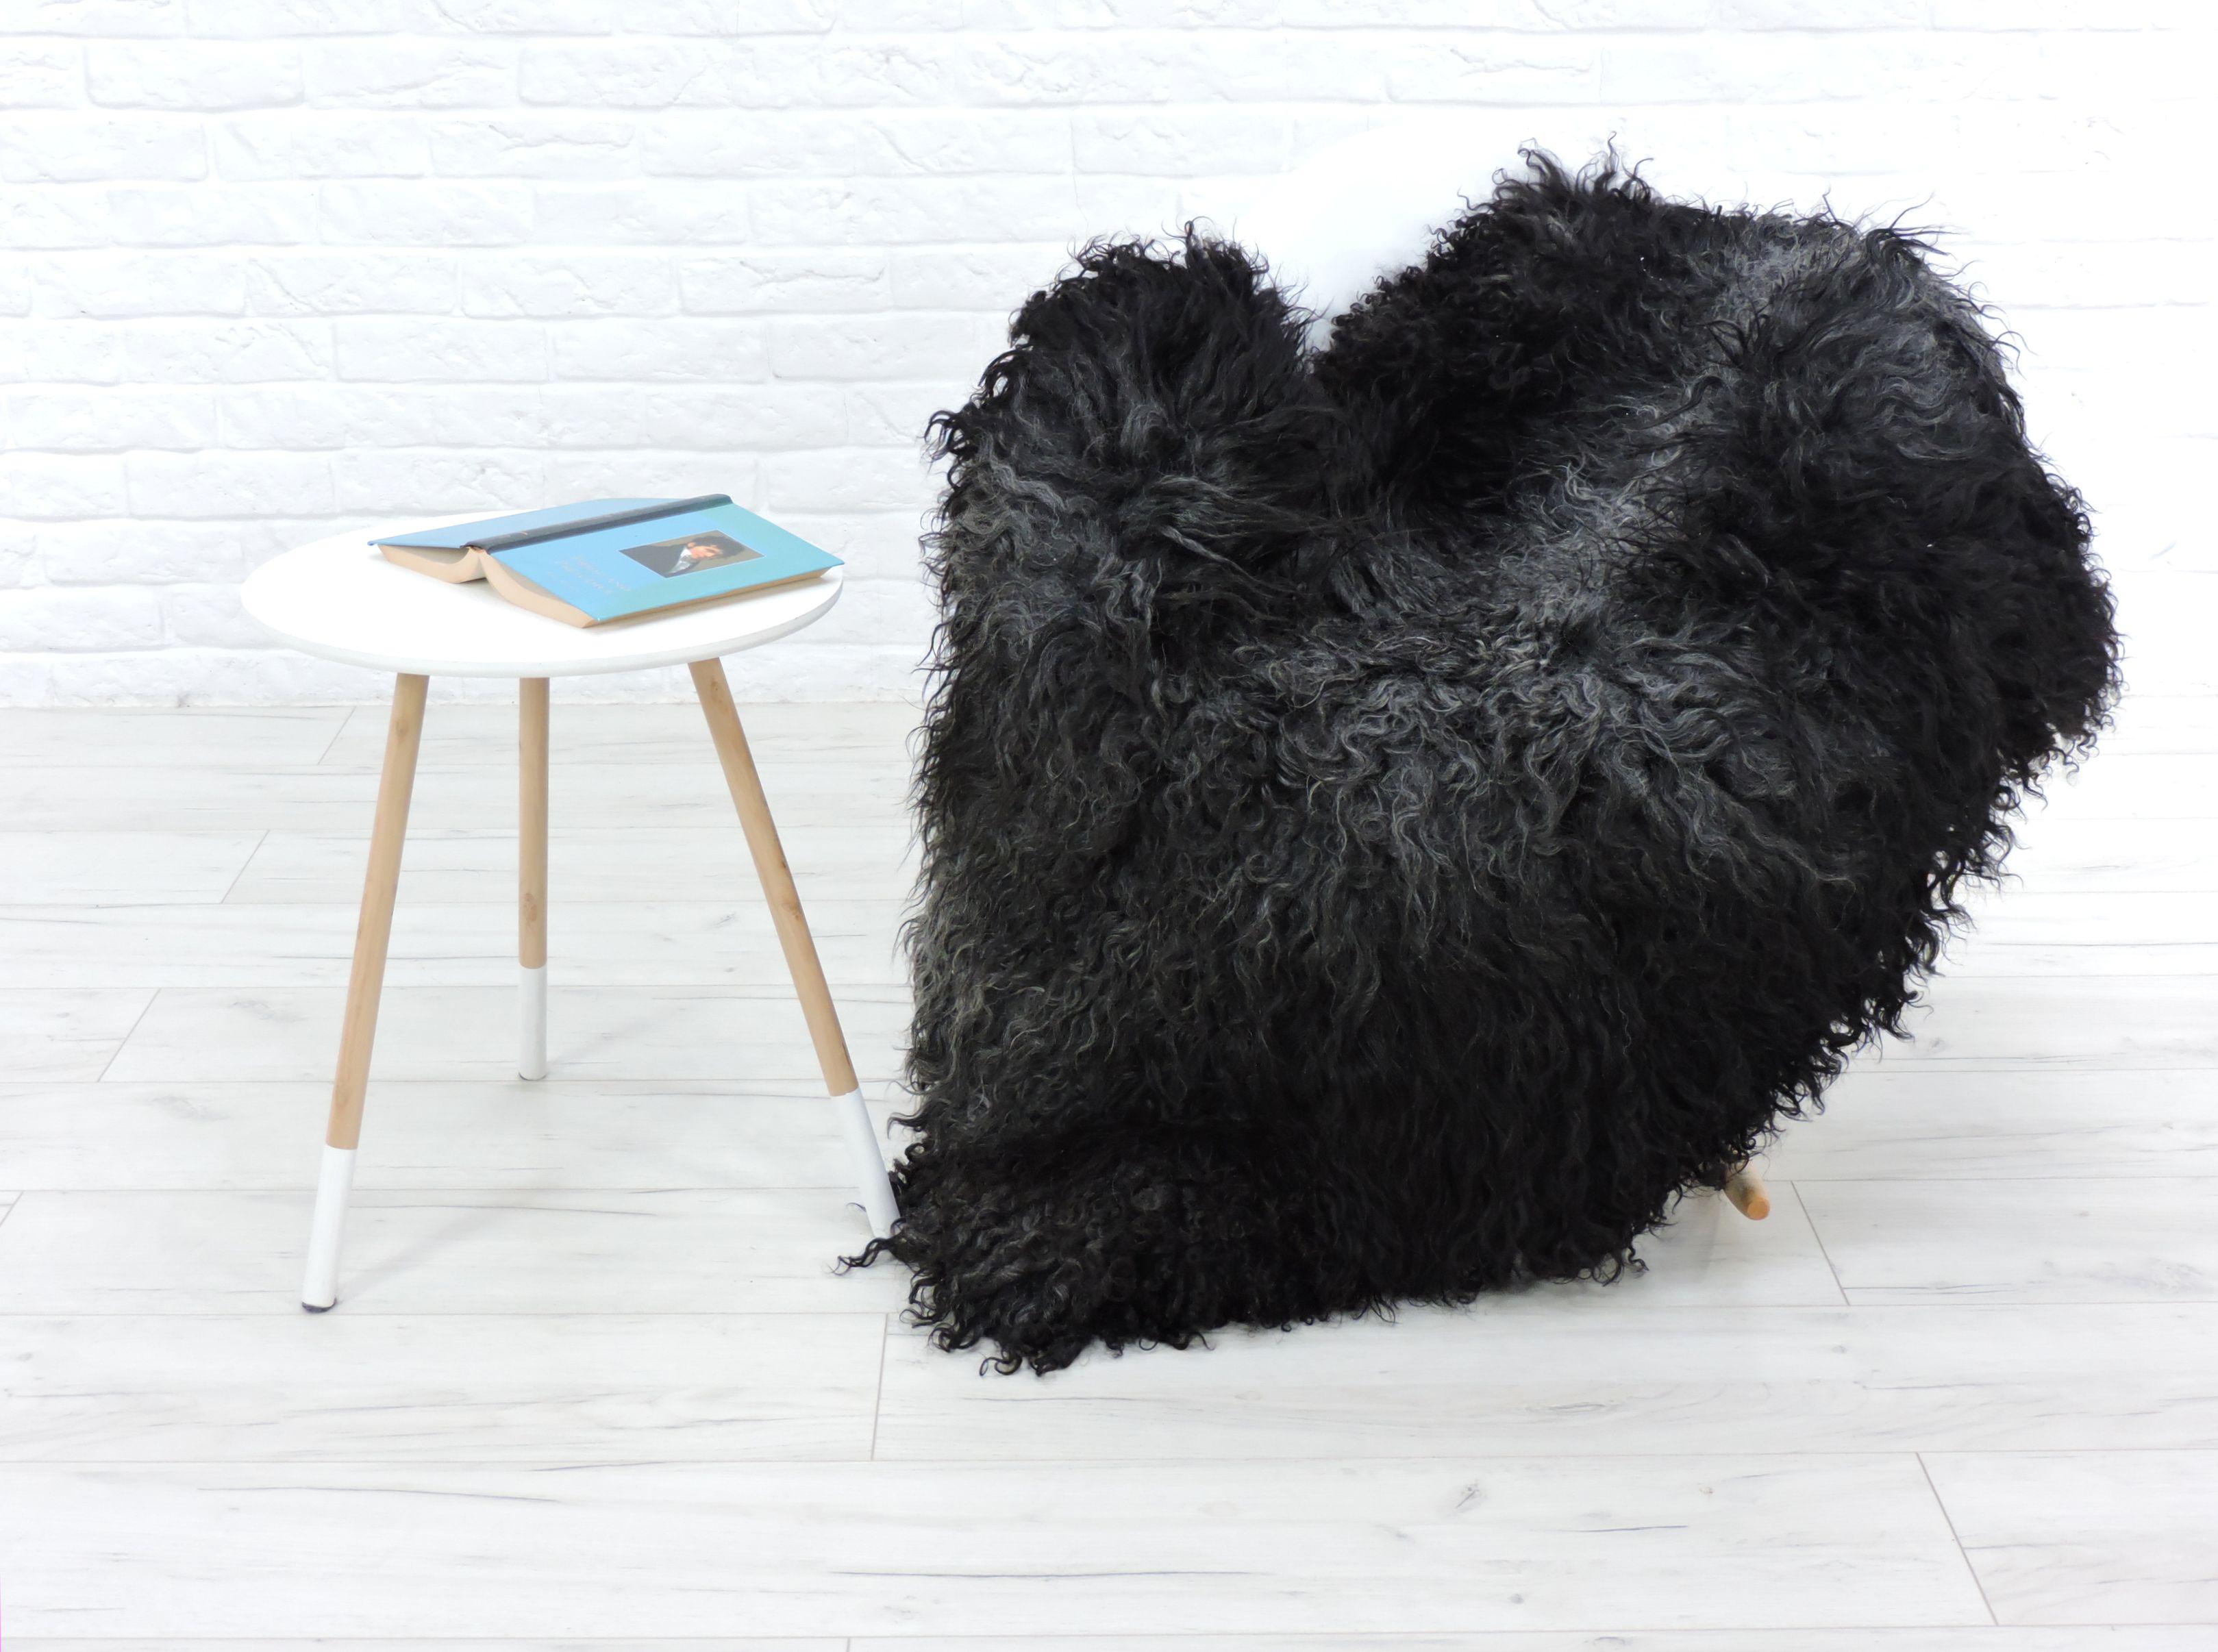 v ritable gotland tapis peau de mouton race rare mod le unique 150cm x ebay. Black Bedroom Furniture Sets. Home Design Ideas